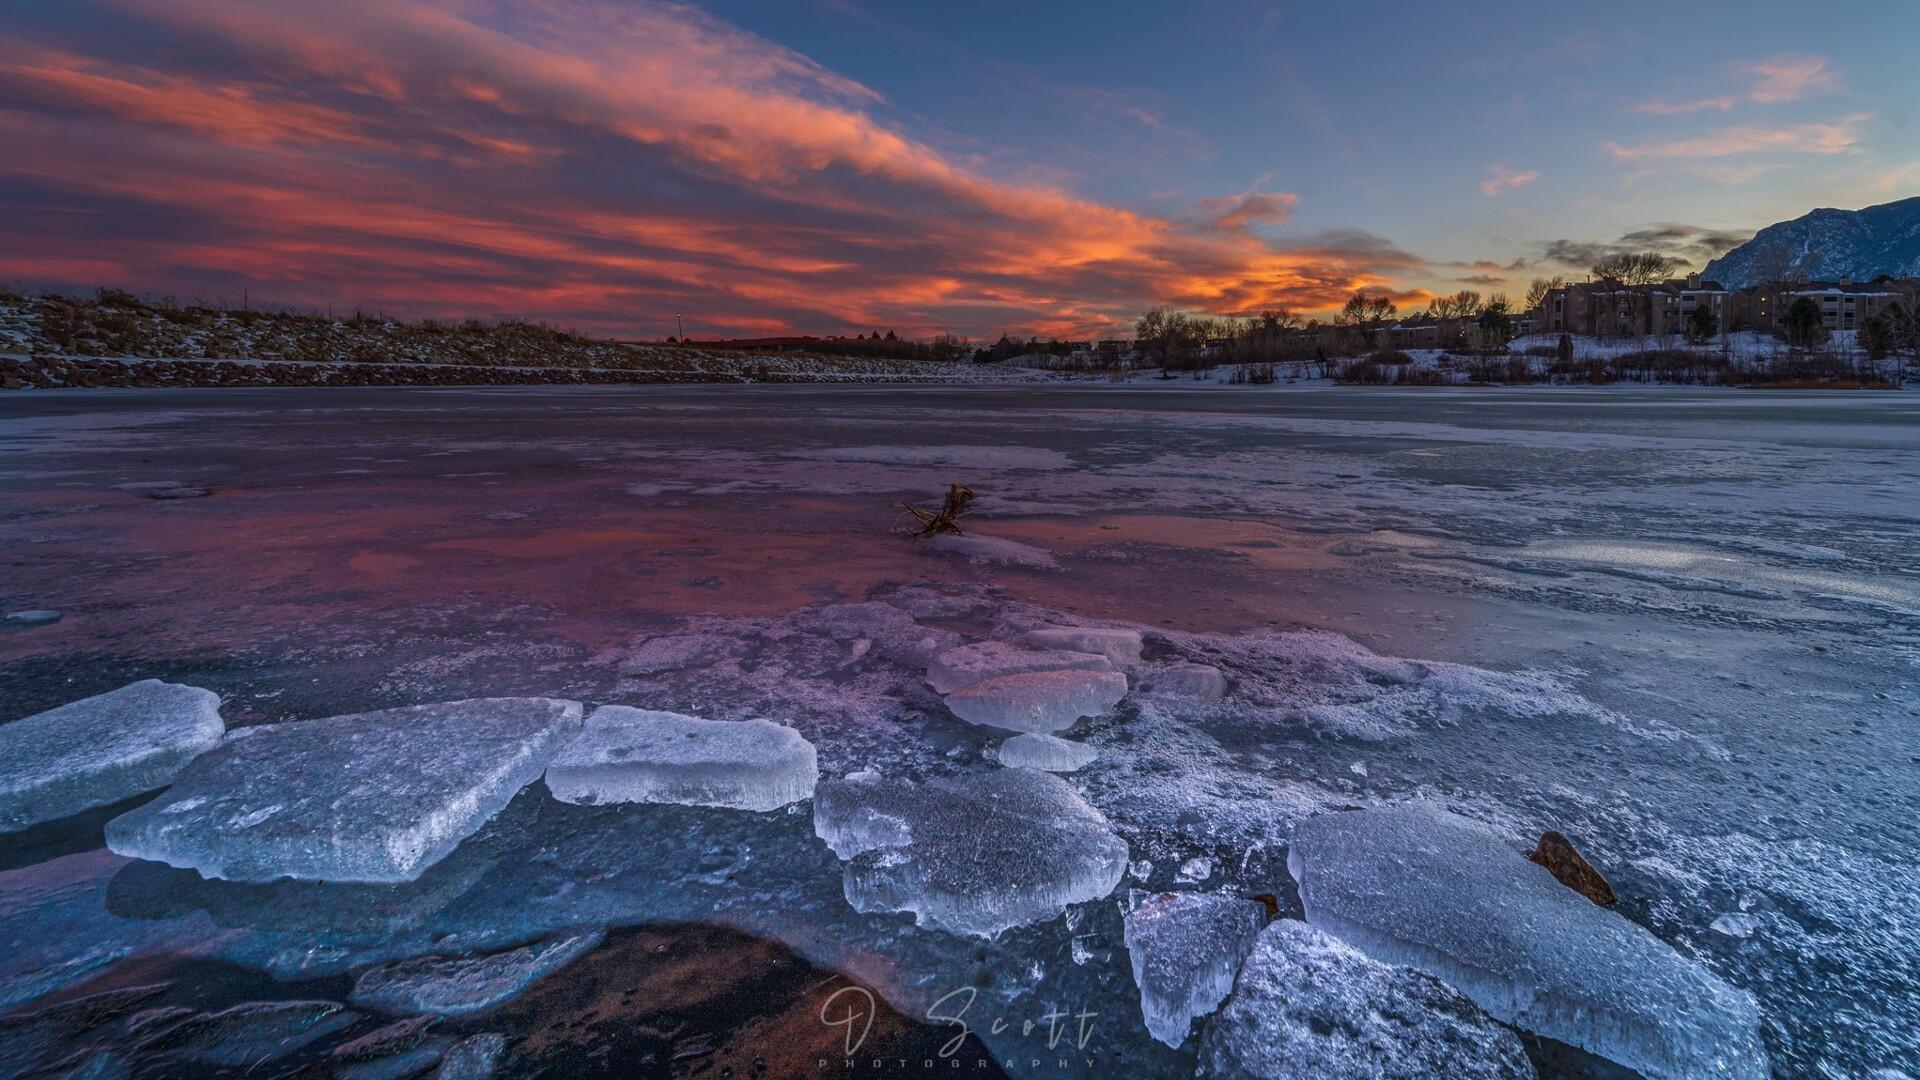 Quail Lake Sunset Daniel Forster.jpg